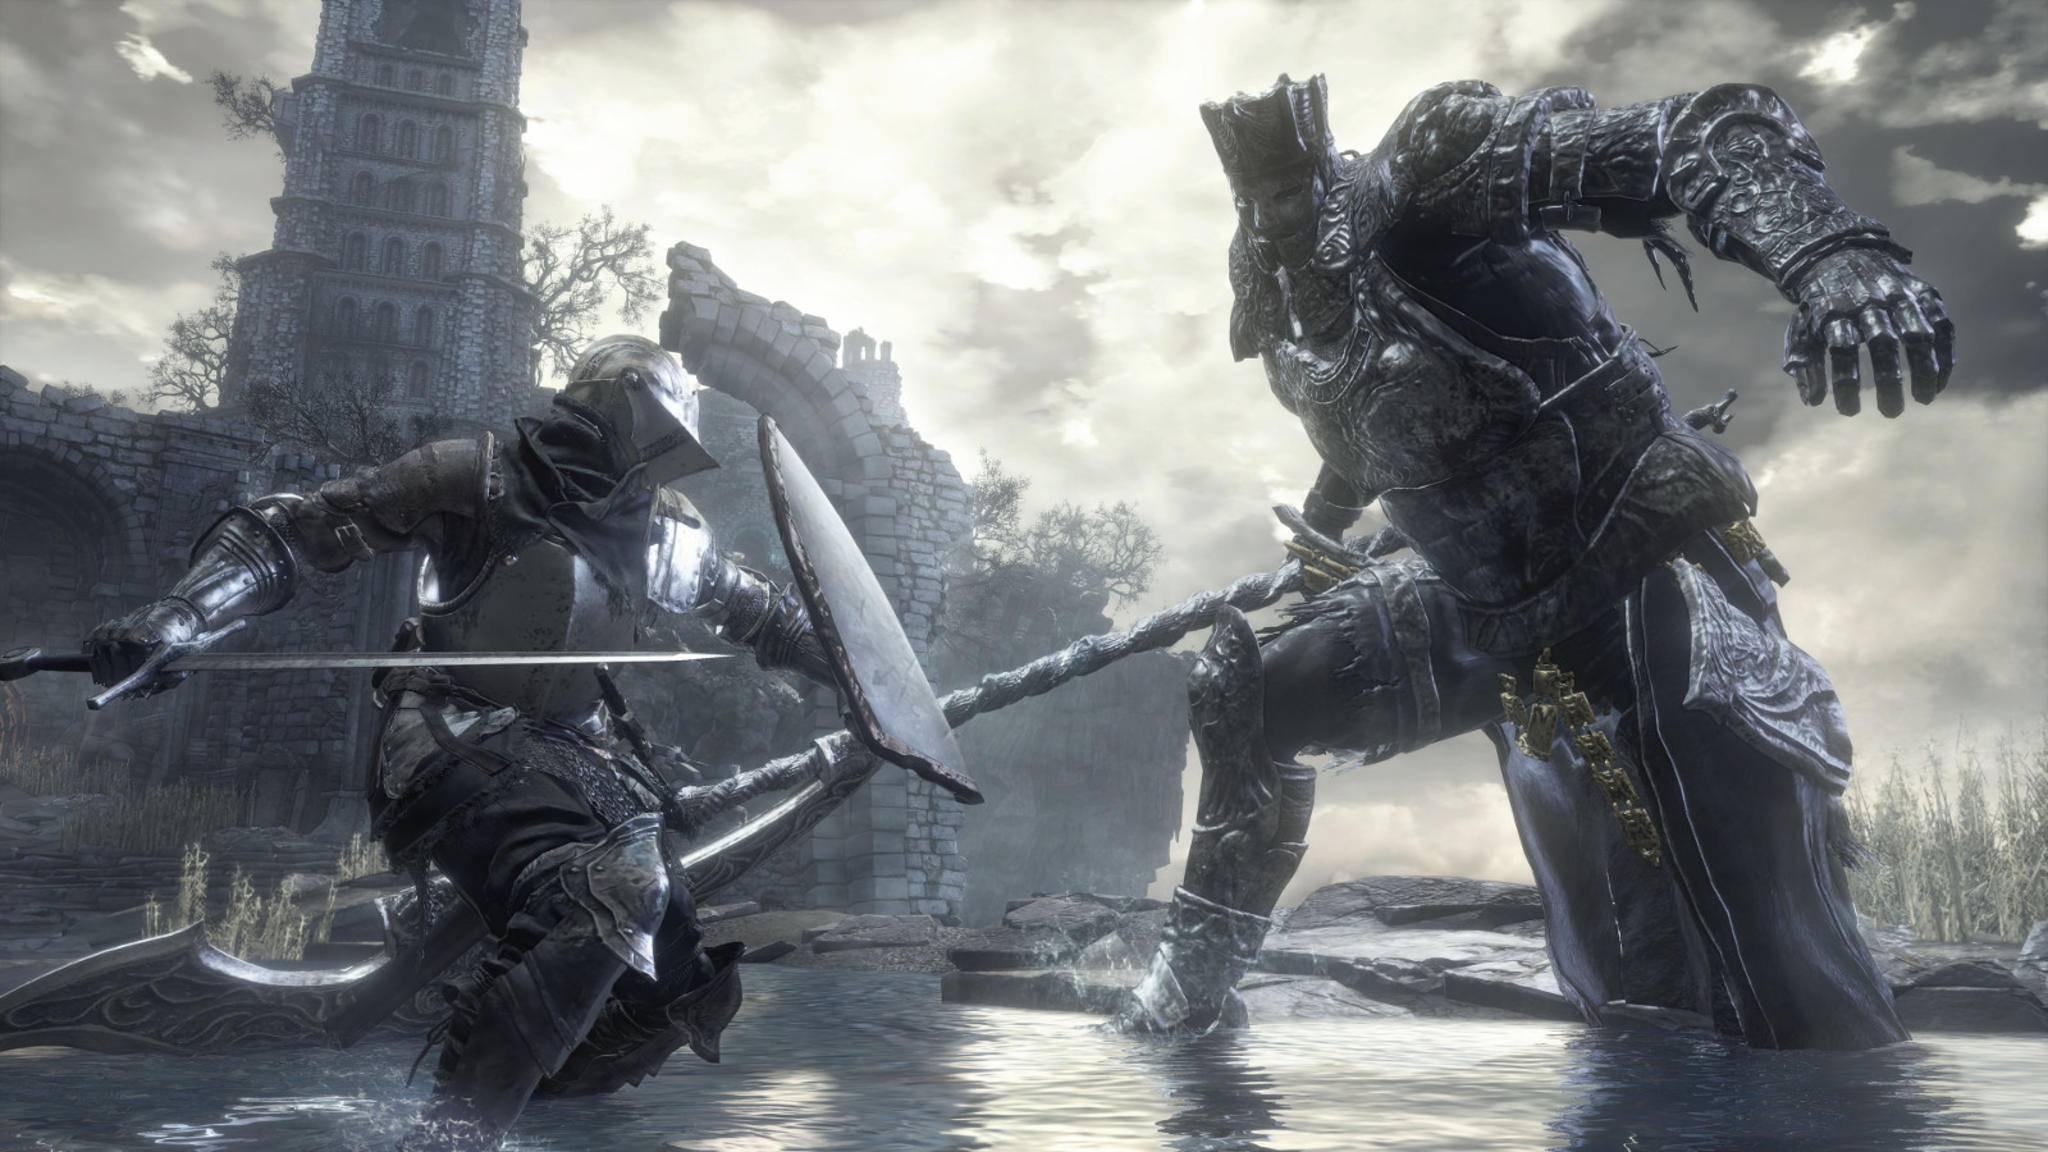 """Riesige Gegner, harte Kämpfe und keine Toleranz für Fehler? Dafür ist """"Dark Souls"""" berüchtigt und hat mit dieser Formel viele Entwickler zu Nachahmern inspiriert, die oft Soulslike-Spiele genannt werden."""